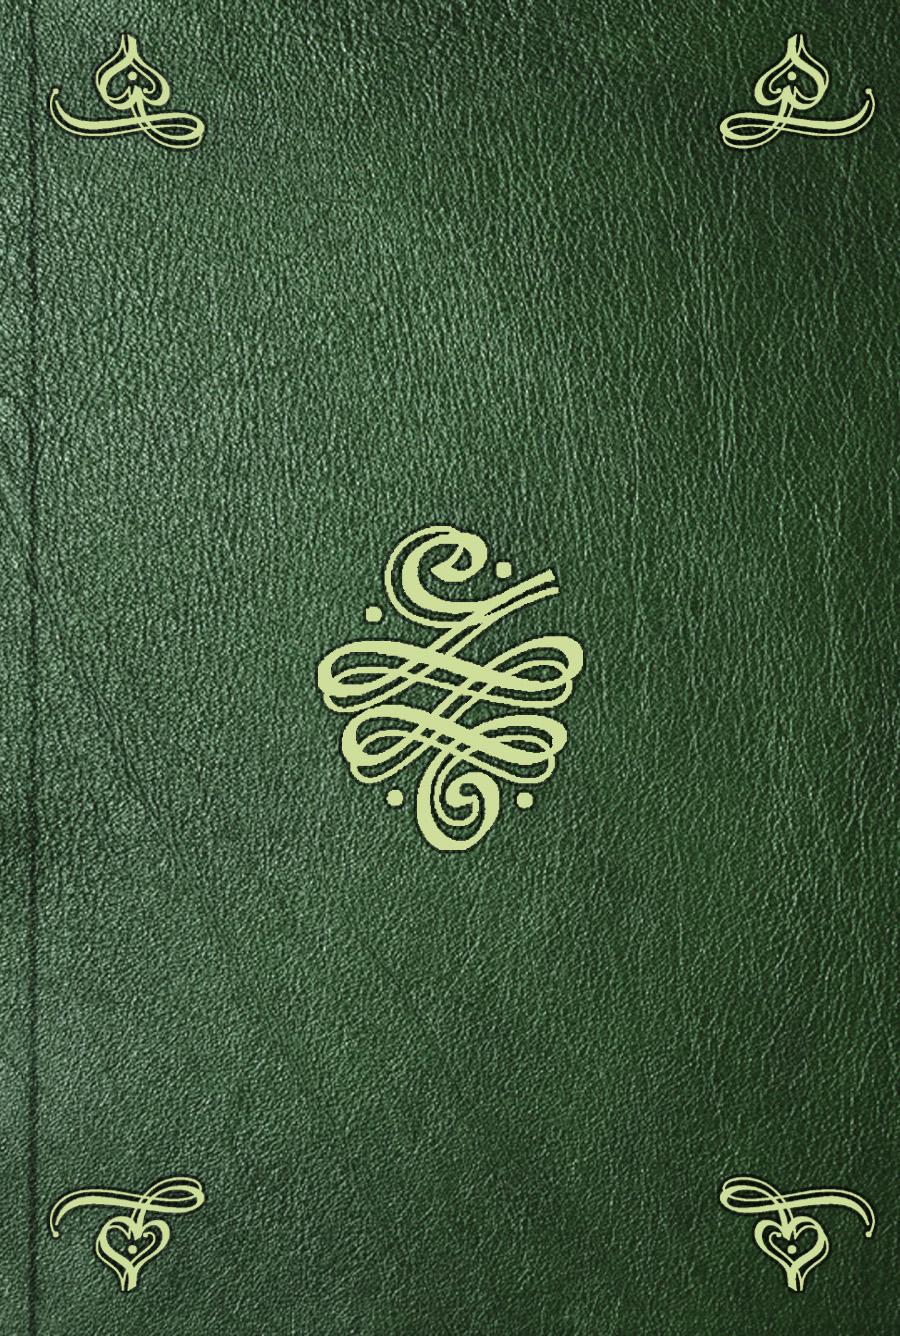 Robert Le Suire Le crime ou lettres originales, contenant les aventures de Cesar de Perlencour. T. 1 gabrielle du chatelet lettres inédites